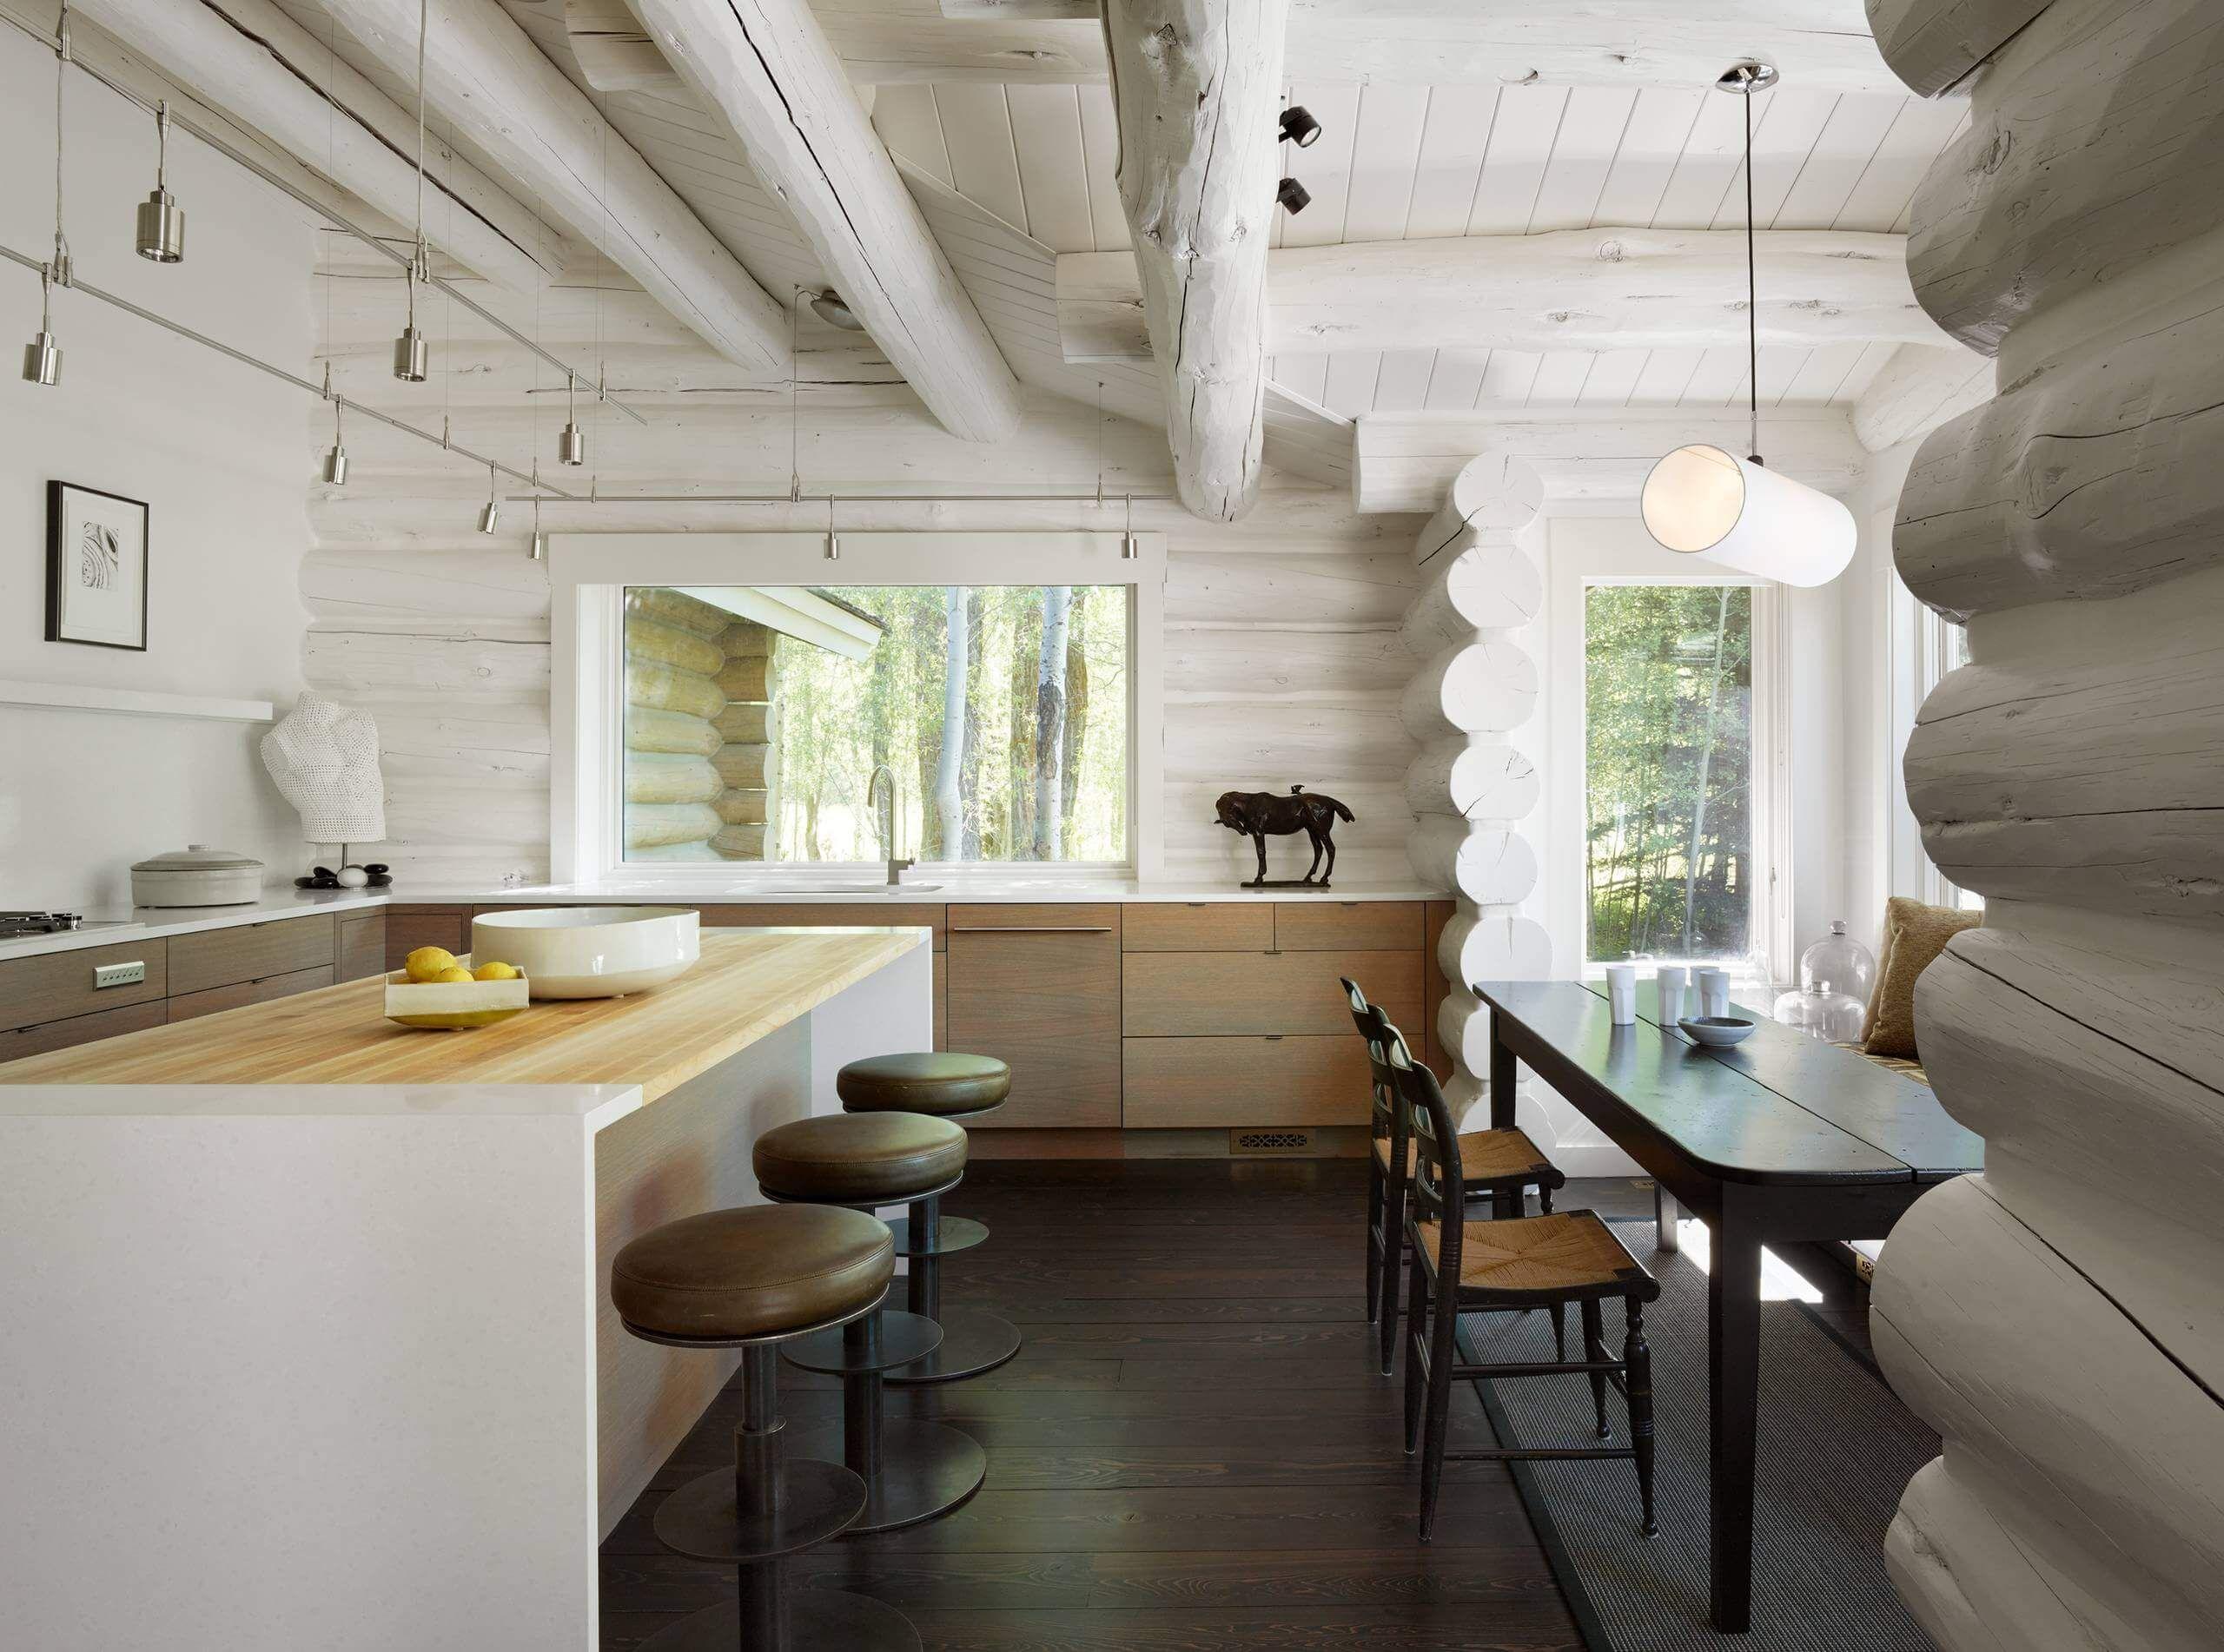 blanc et bois | idées aménagement intérieur | Pinterest